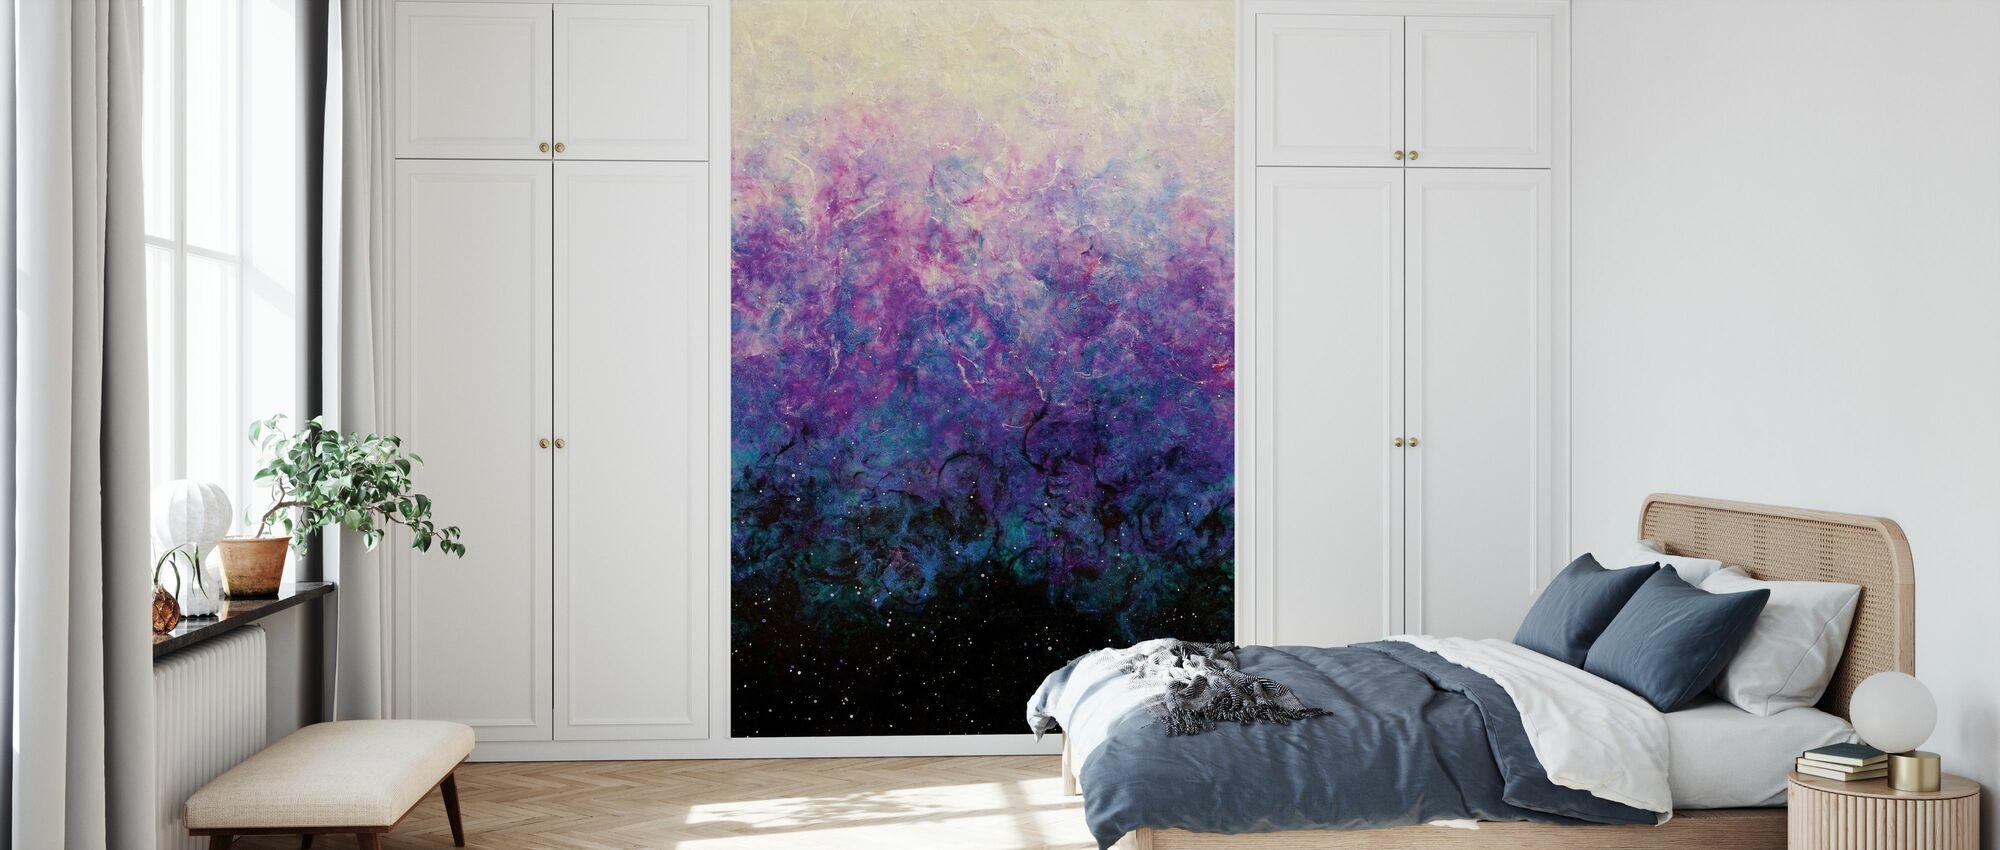 Nightingale - Wallpaper - Bedroom